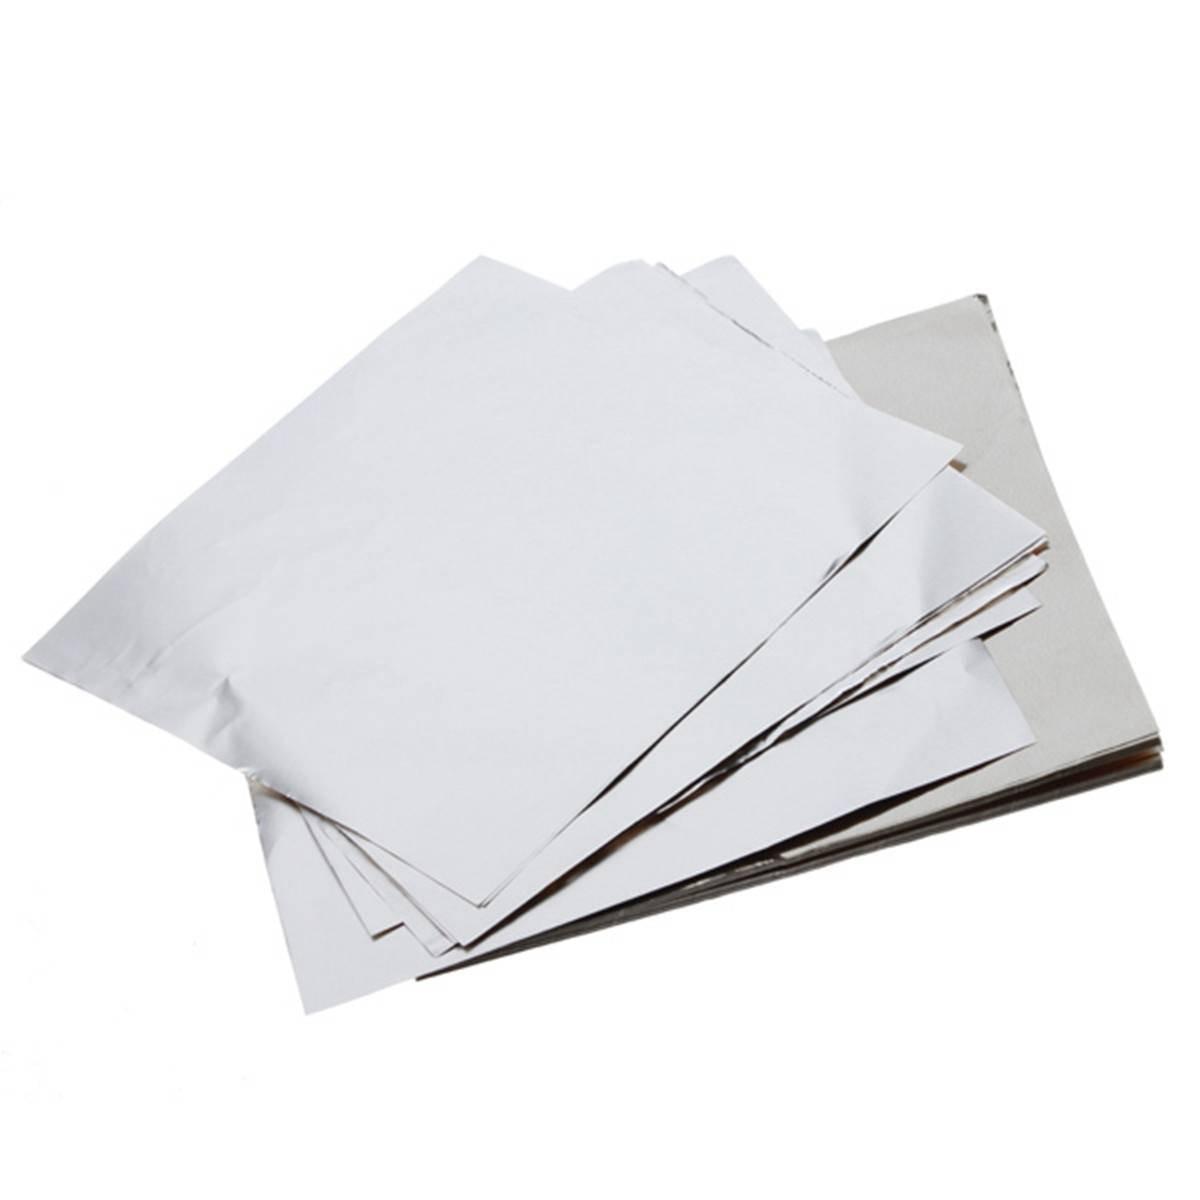 200pcs bonbons carrés bonbons au chocolat Lolly Paper Aluminum Foil Wrappers Argent | alumifeuille de papier nium | feuille de chocolat argent argenté - AliExpress